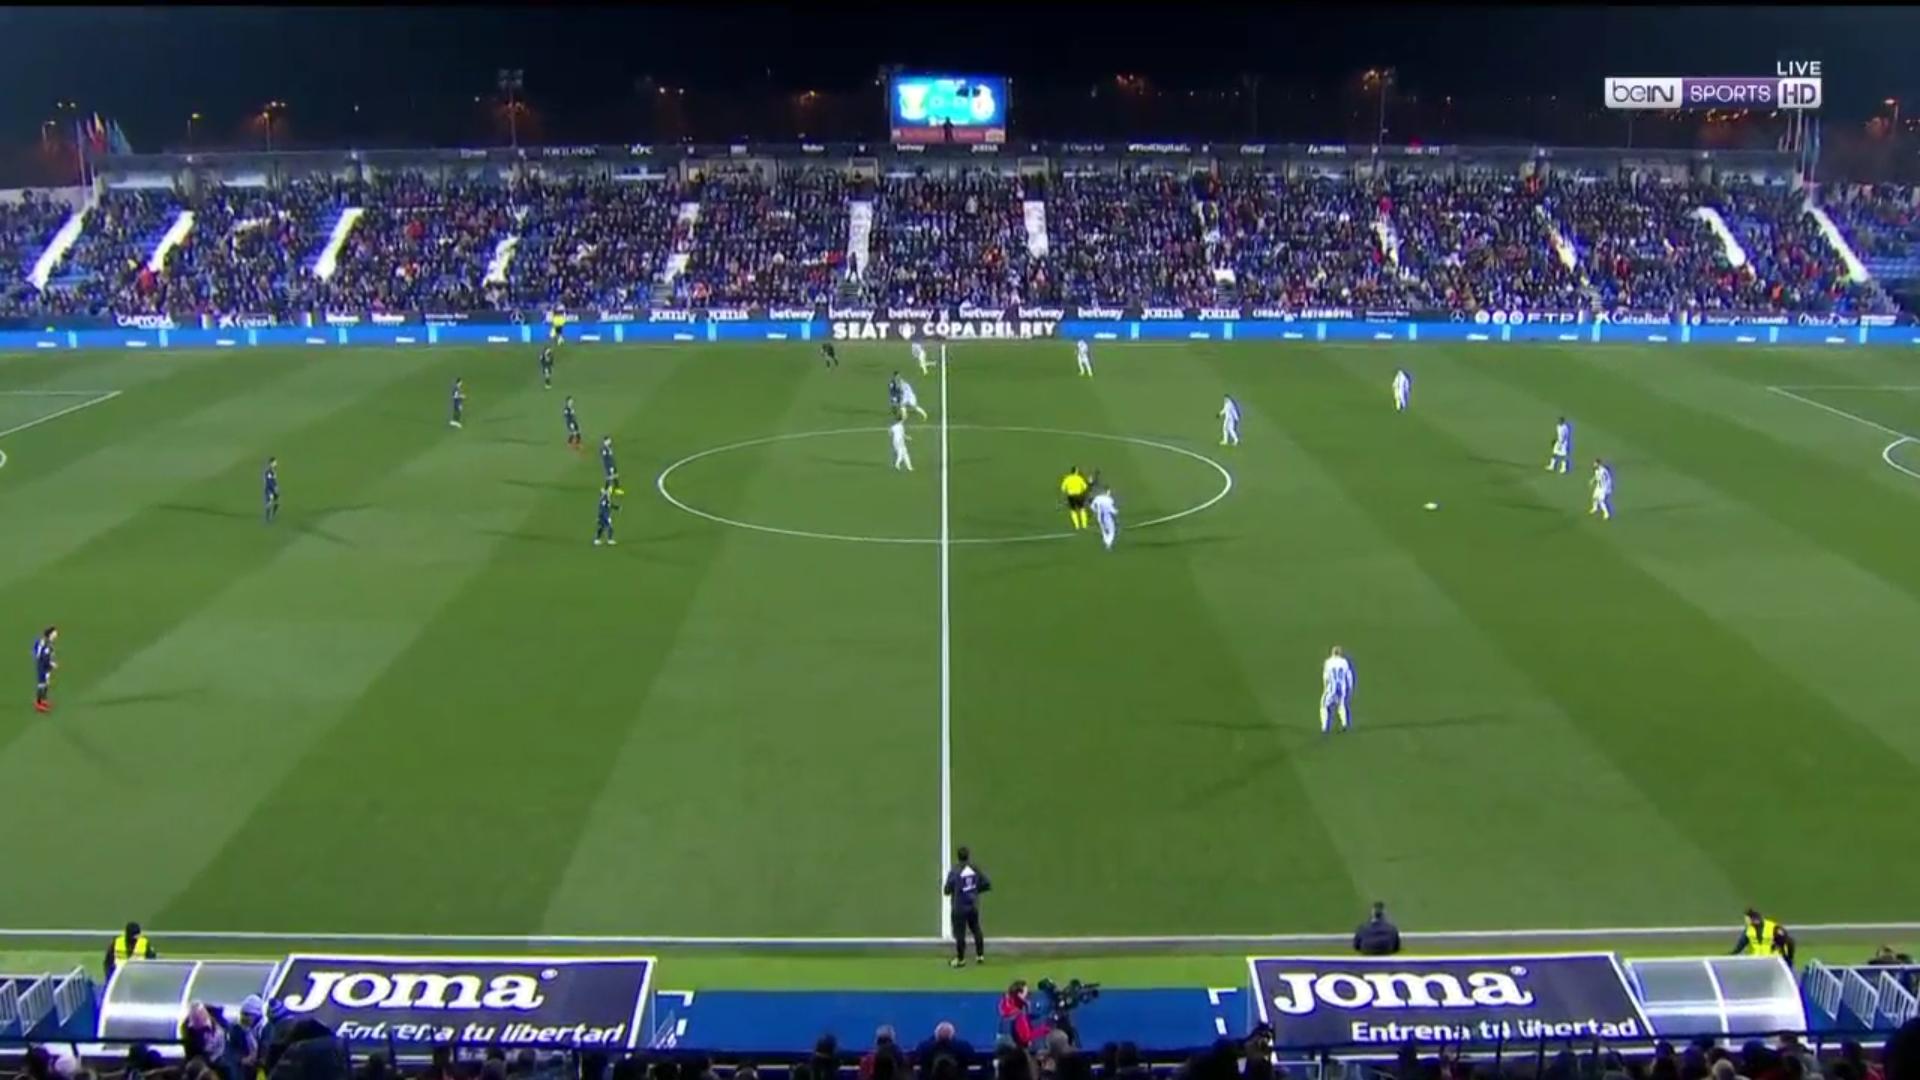 16-01-2019 - Leganes 1-0 Real Madrid (COPA DEL REY)